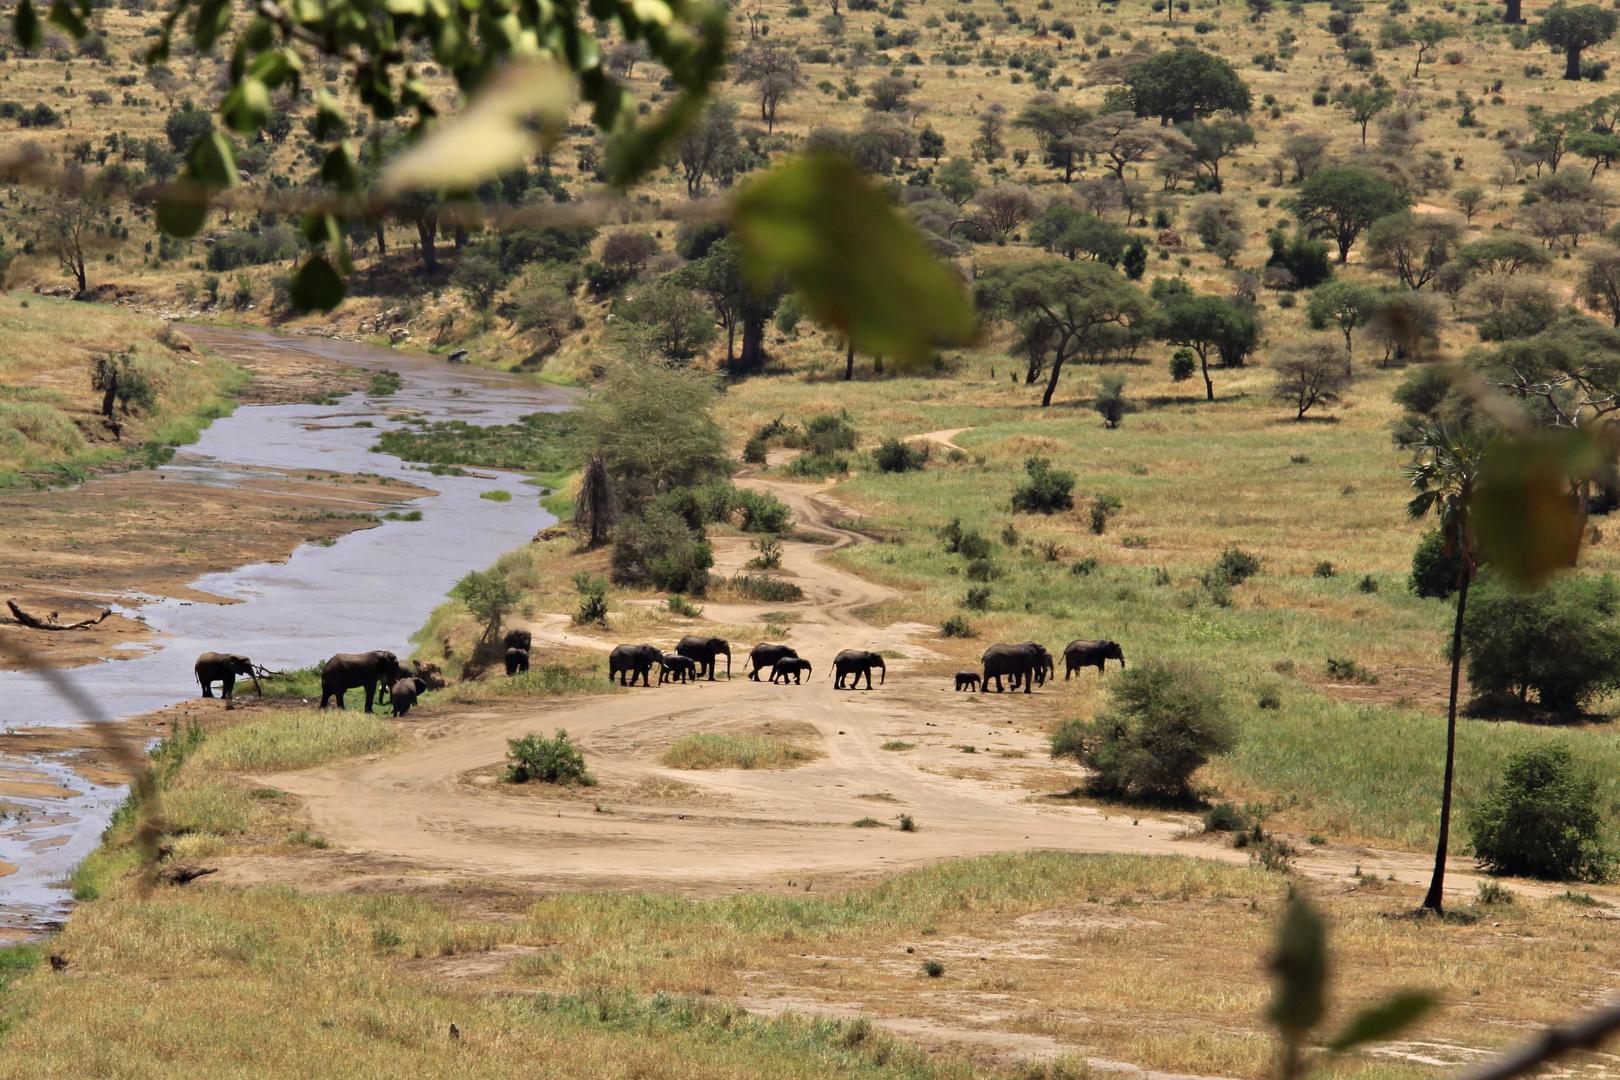 eine Elefantenherde zieht ruhig